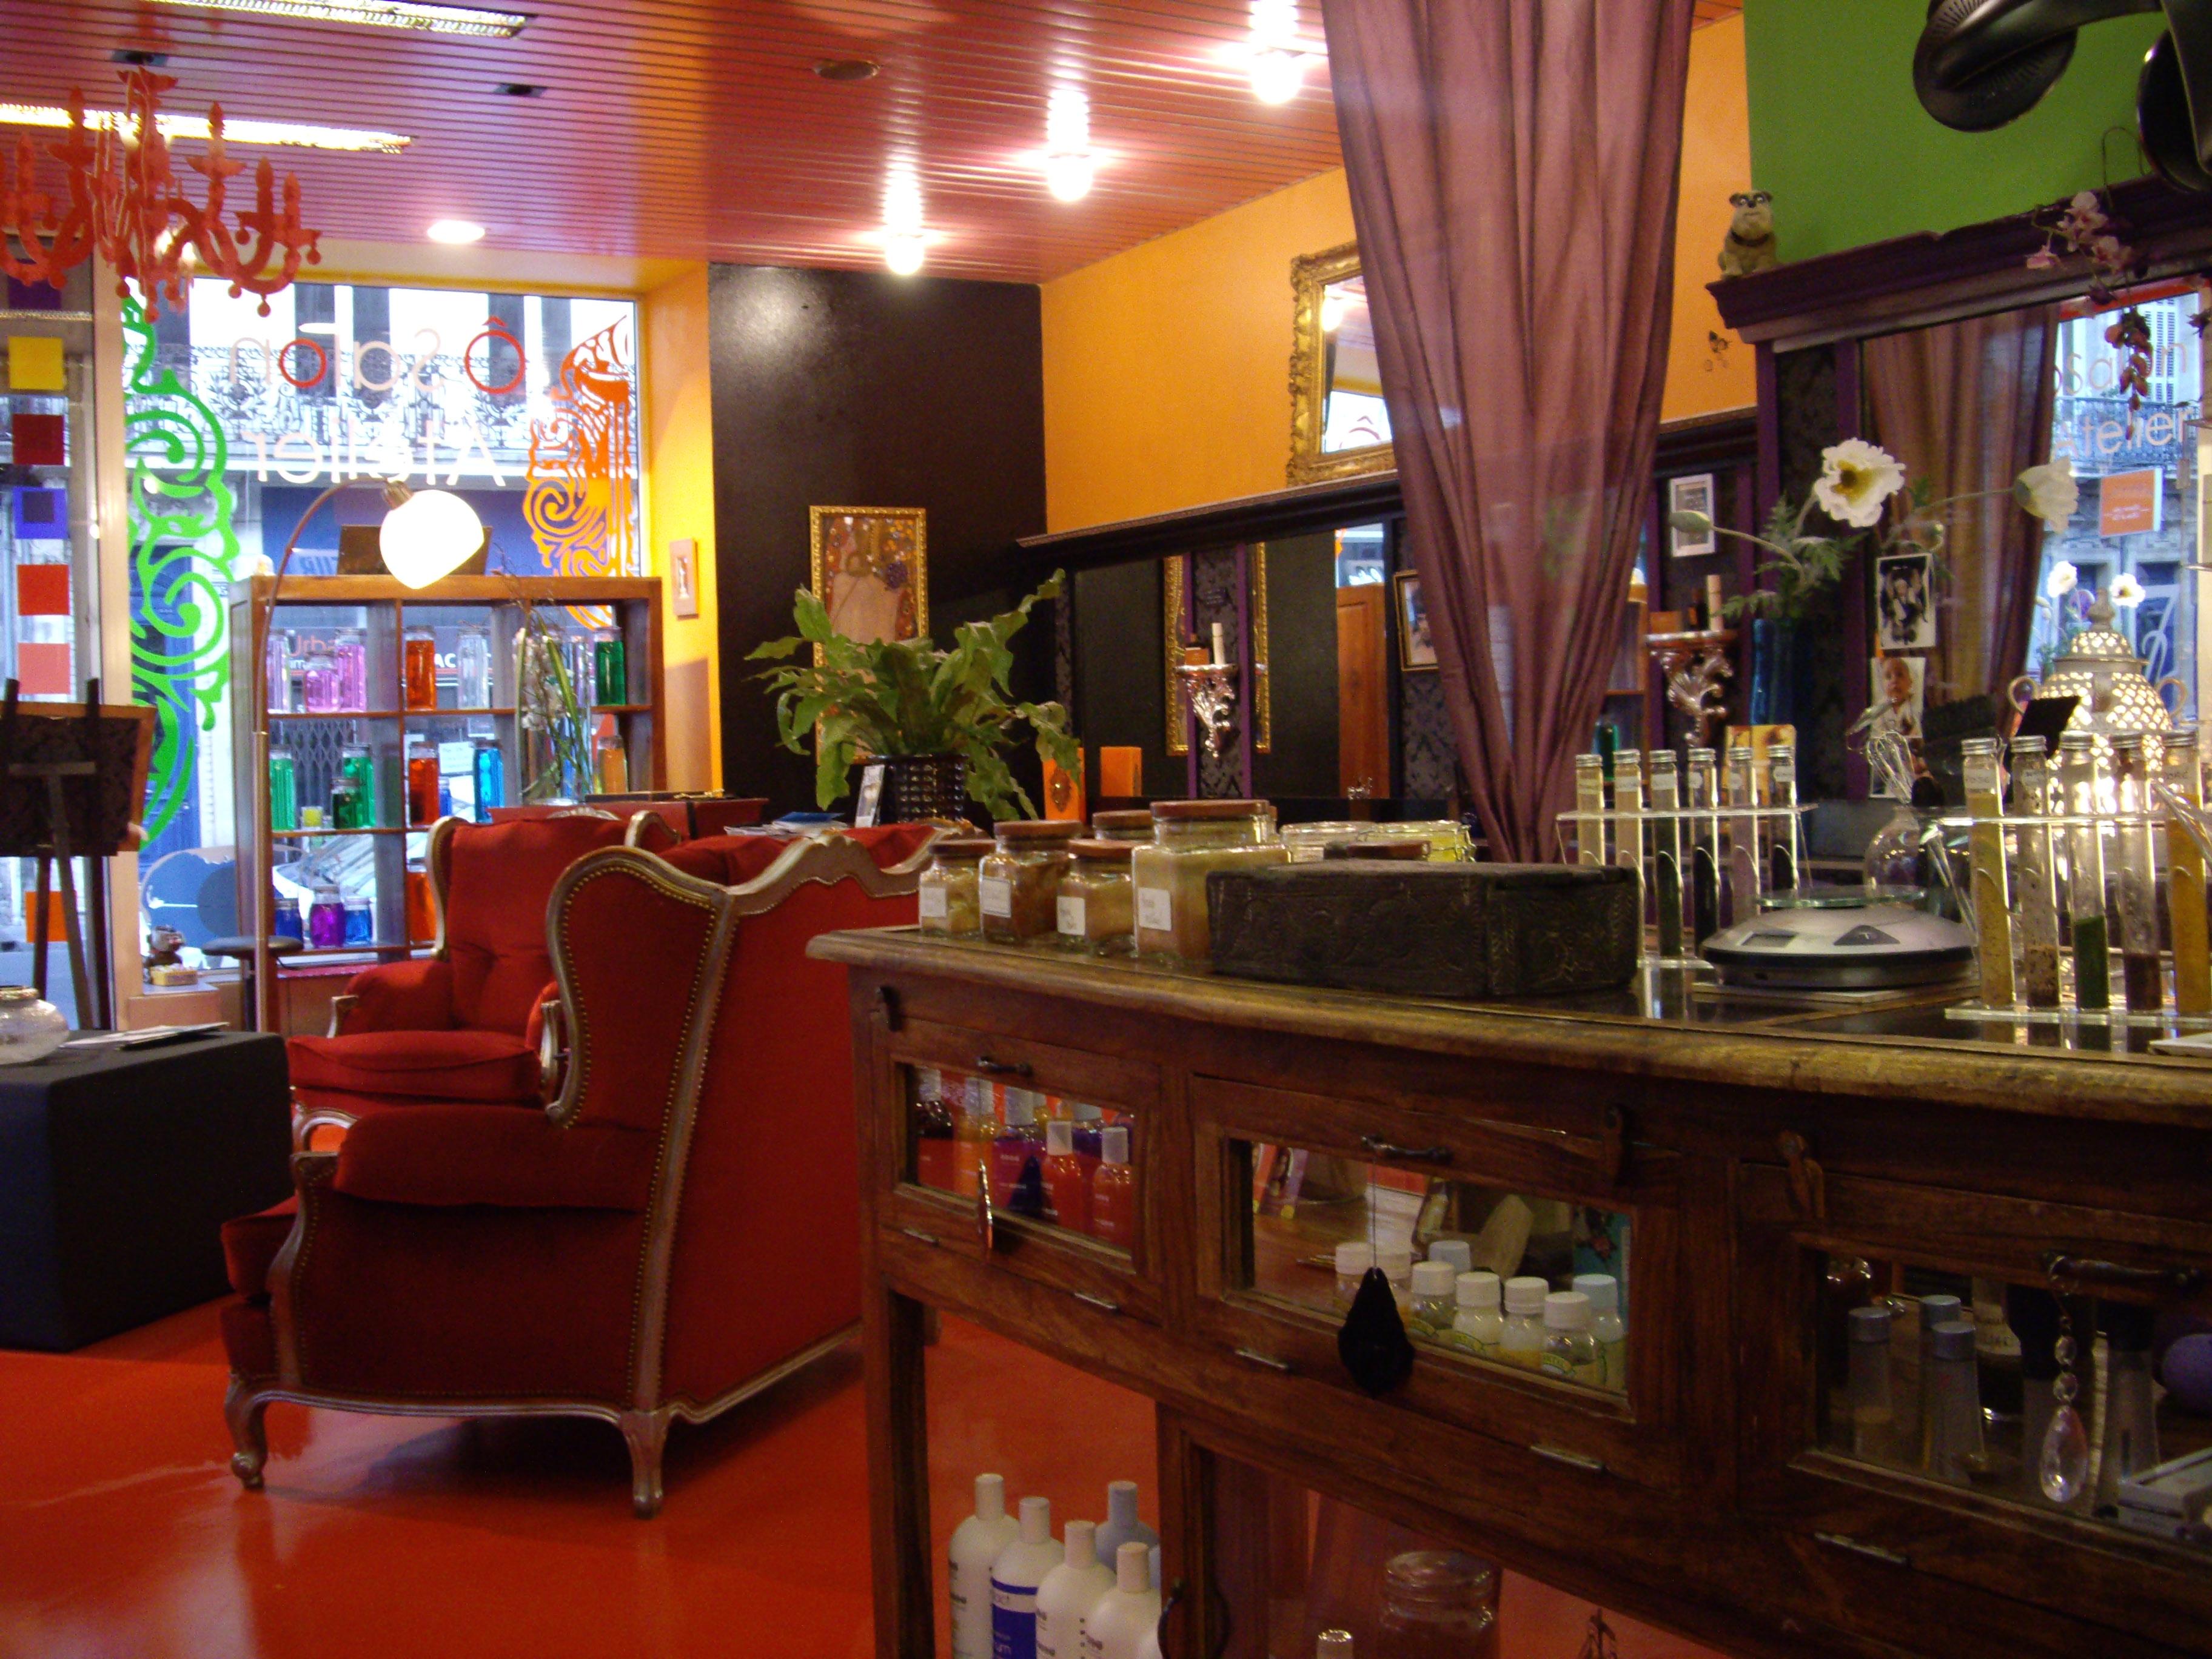 O 72 salon atelier de coiffure bordeaux avis tarifs horaires t l phone - Salon de massage erotique bordeaux ...